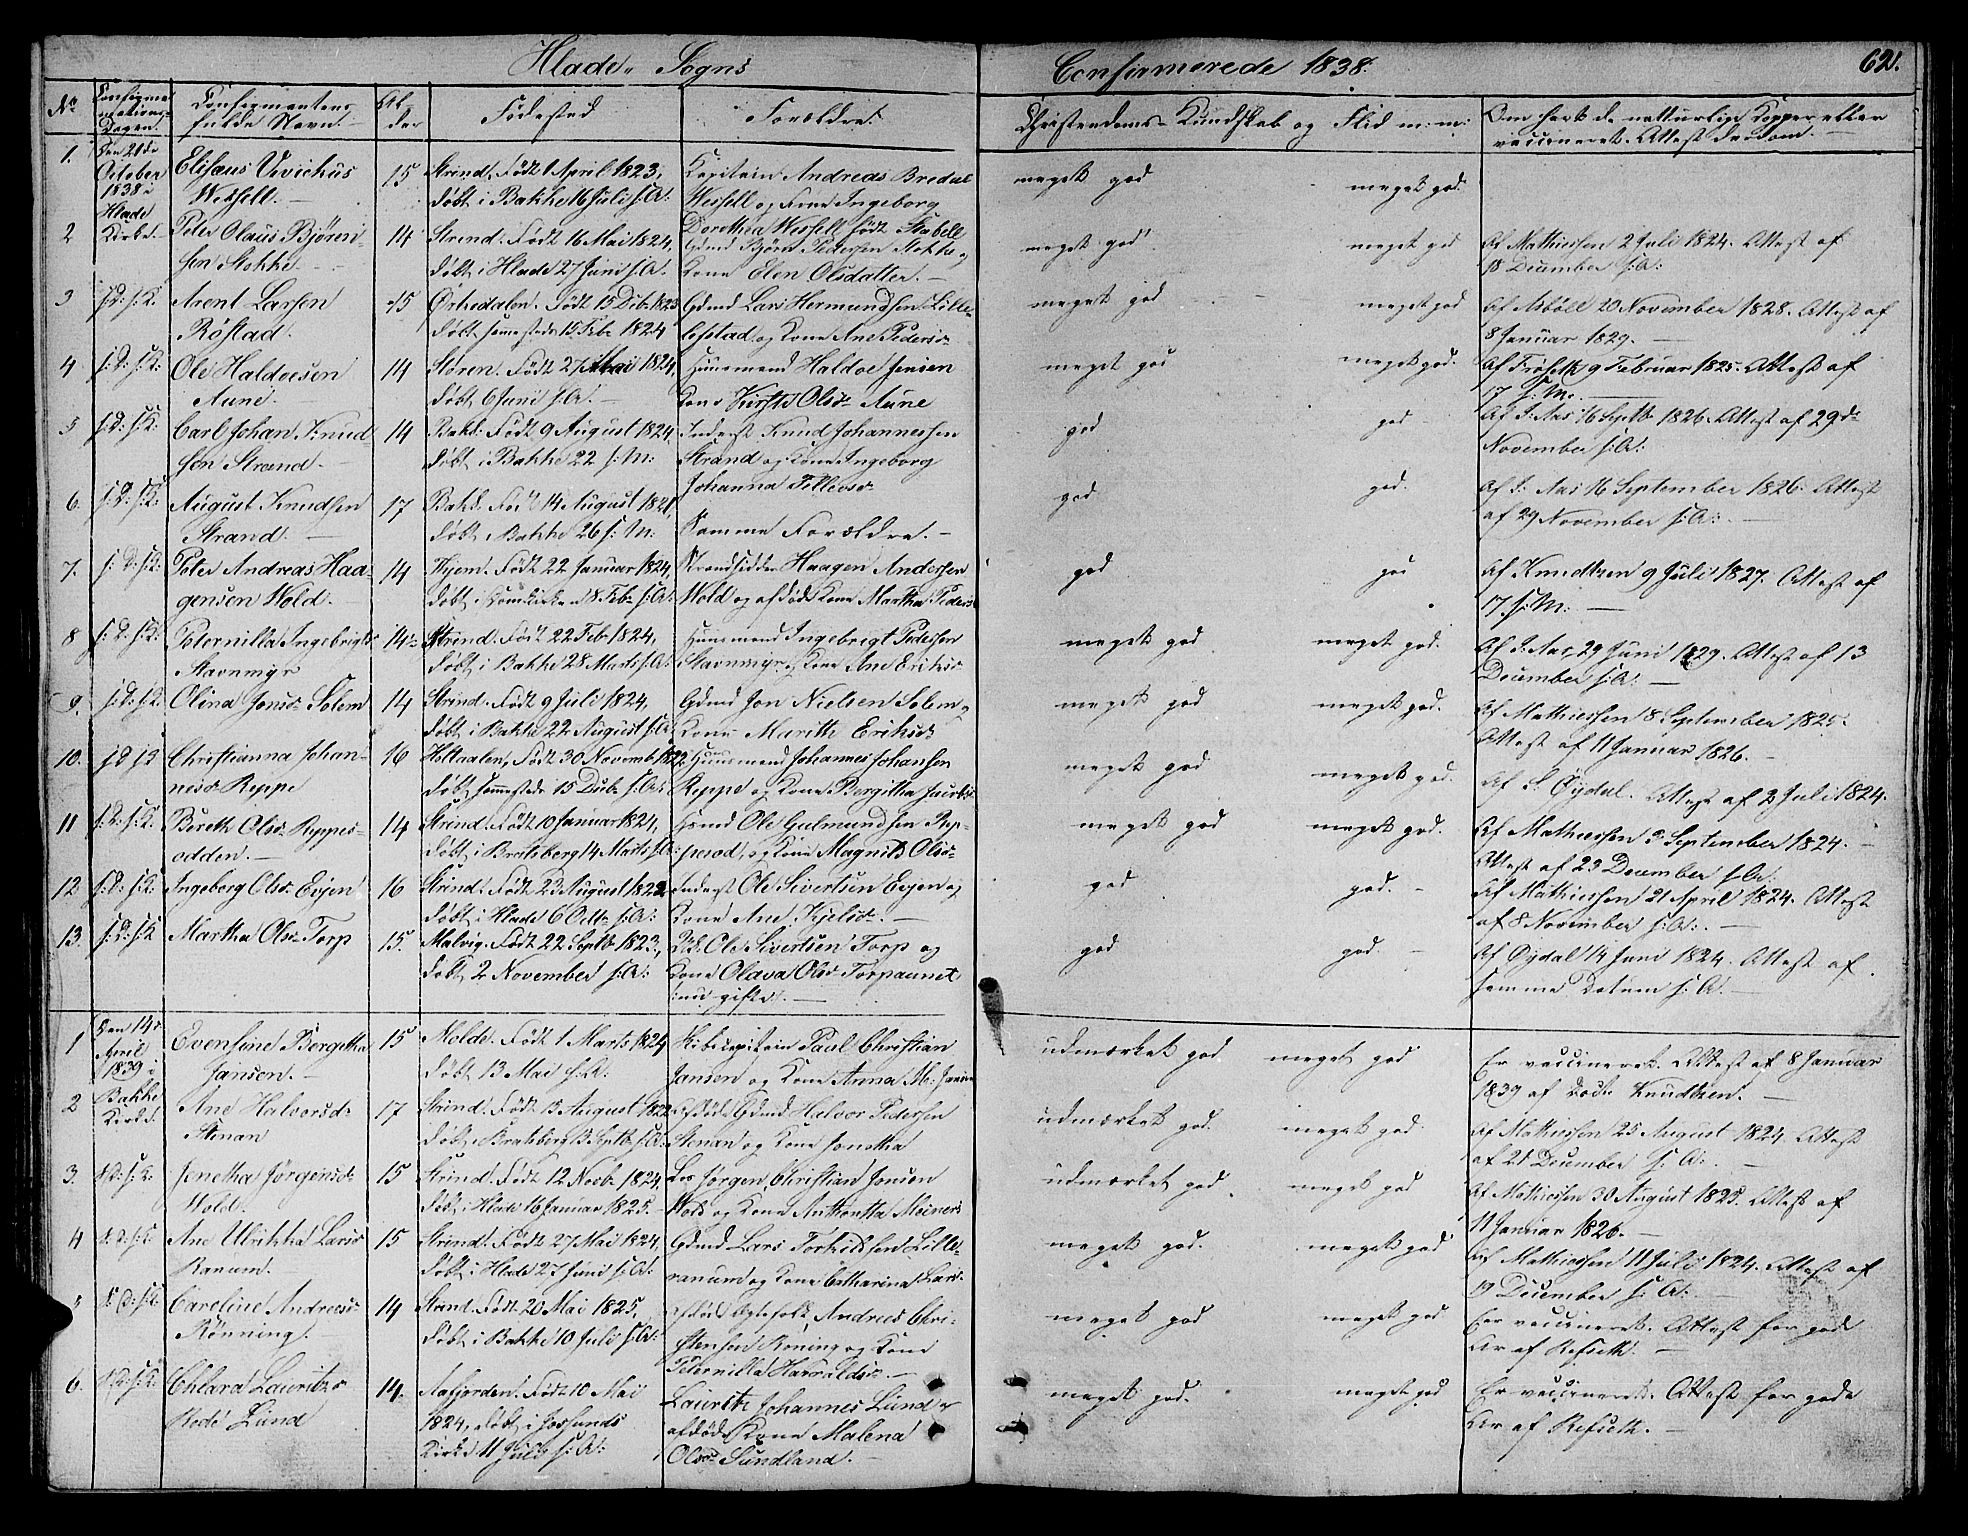 SAT, Ministerialprotokoller, klokkerbøker og fødselsregistre - Sør-Trøndelag, 606/L0308: Klokkerbok nr. 606C04, 1829-1840, s. 62